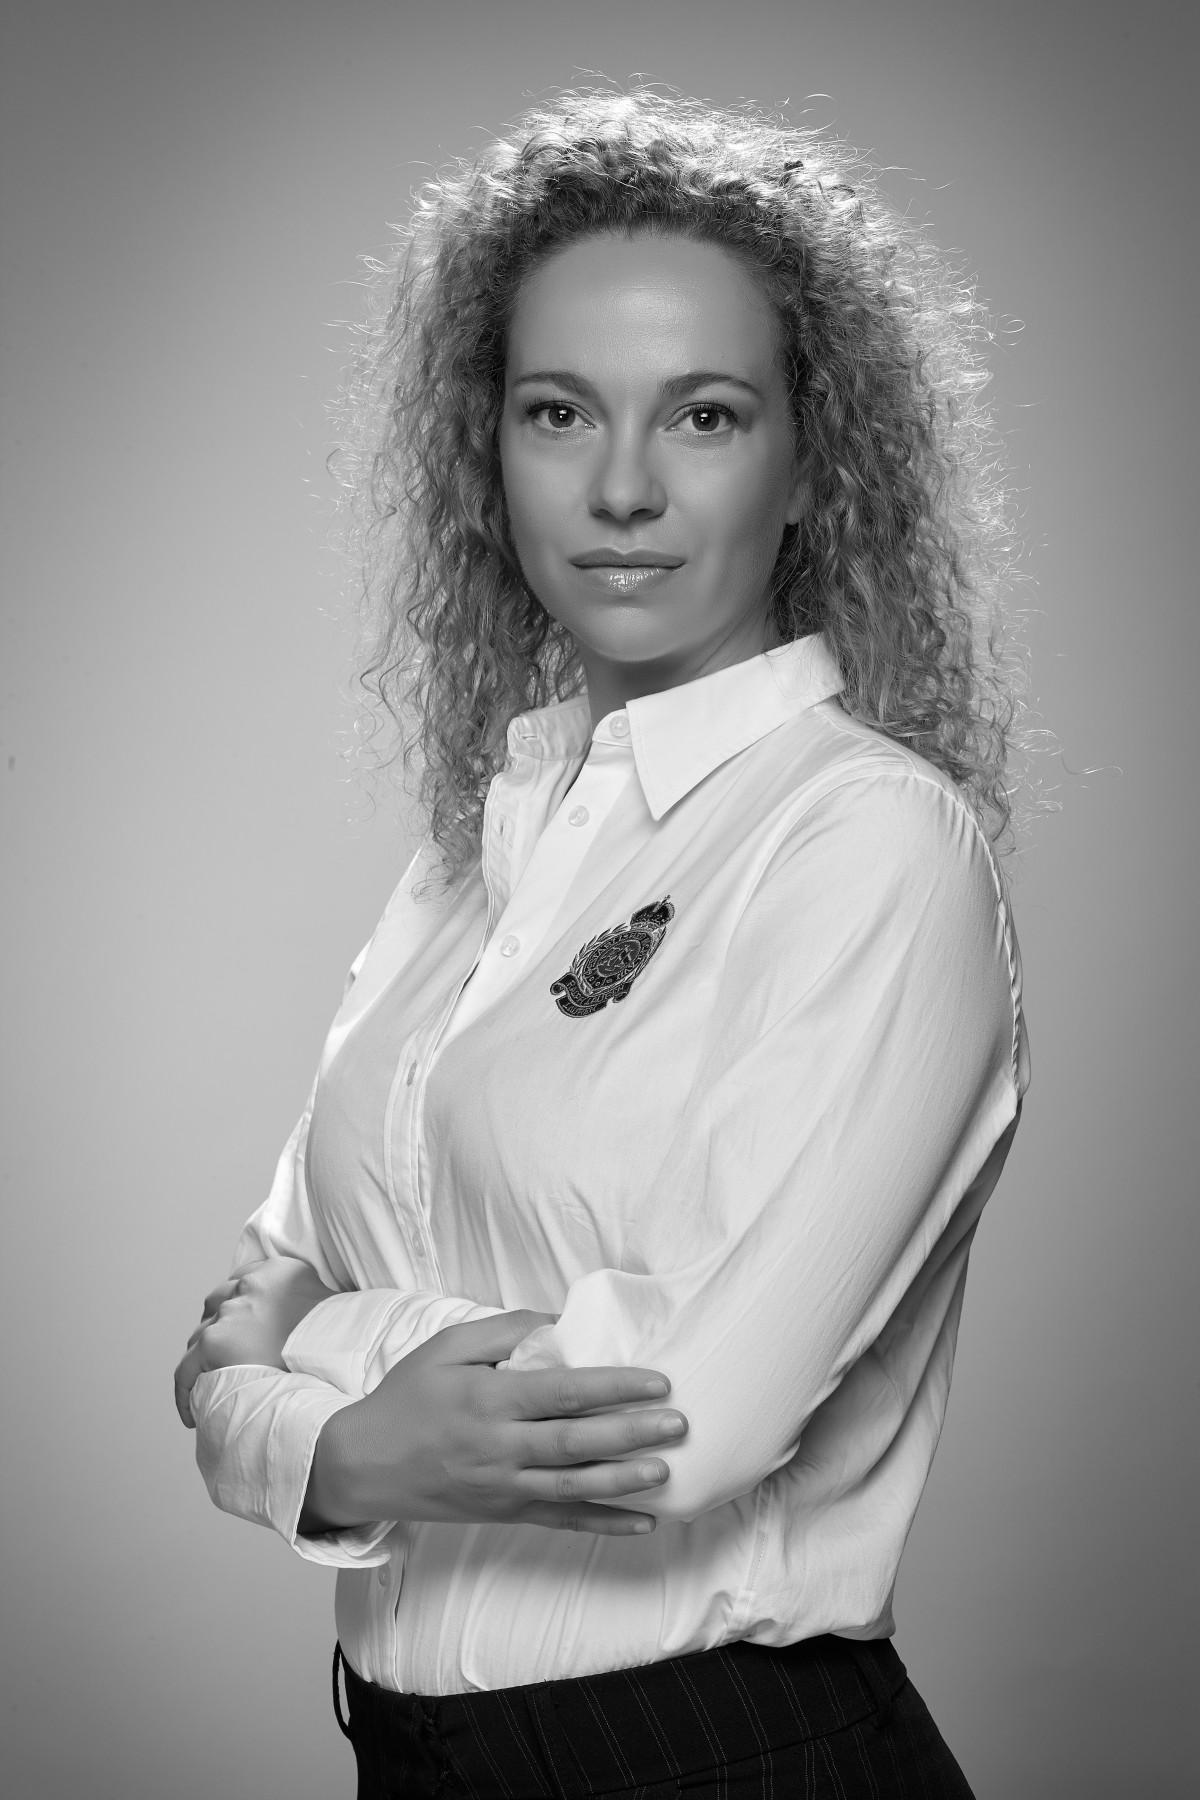 Agent of the week - Teodora Bivolarska